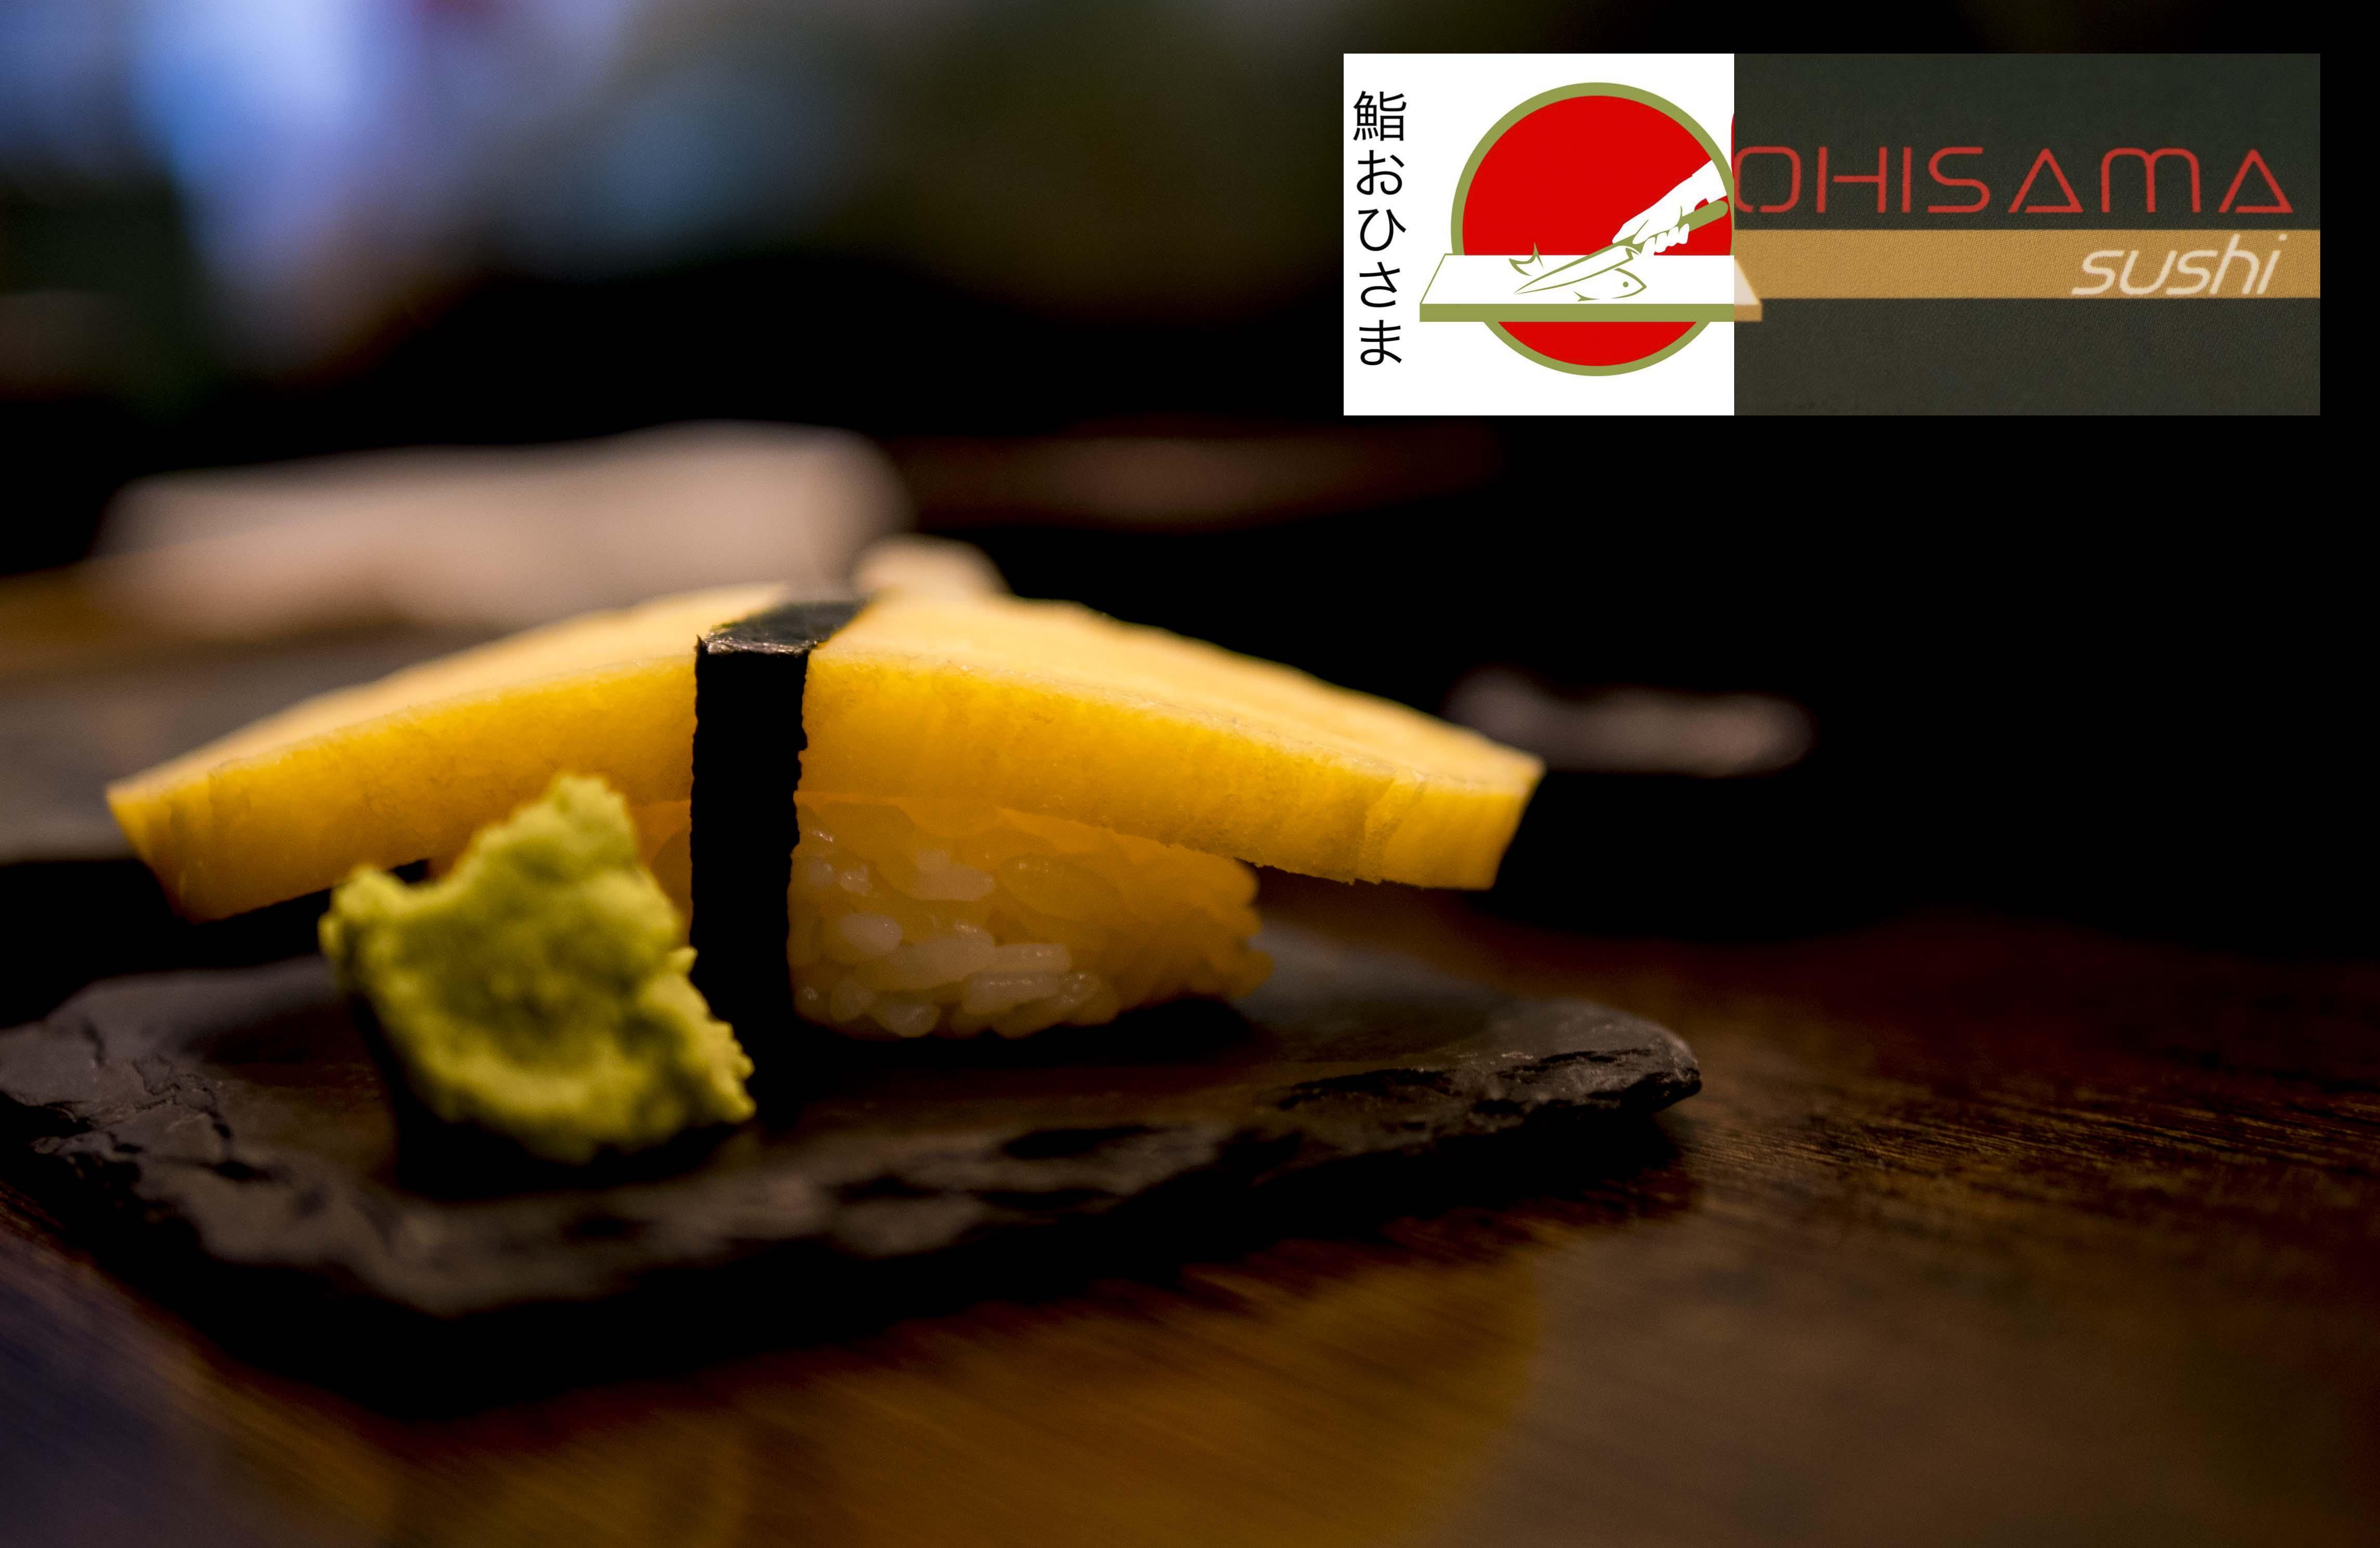 Ohisama Sushi London Review post image